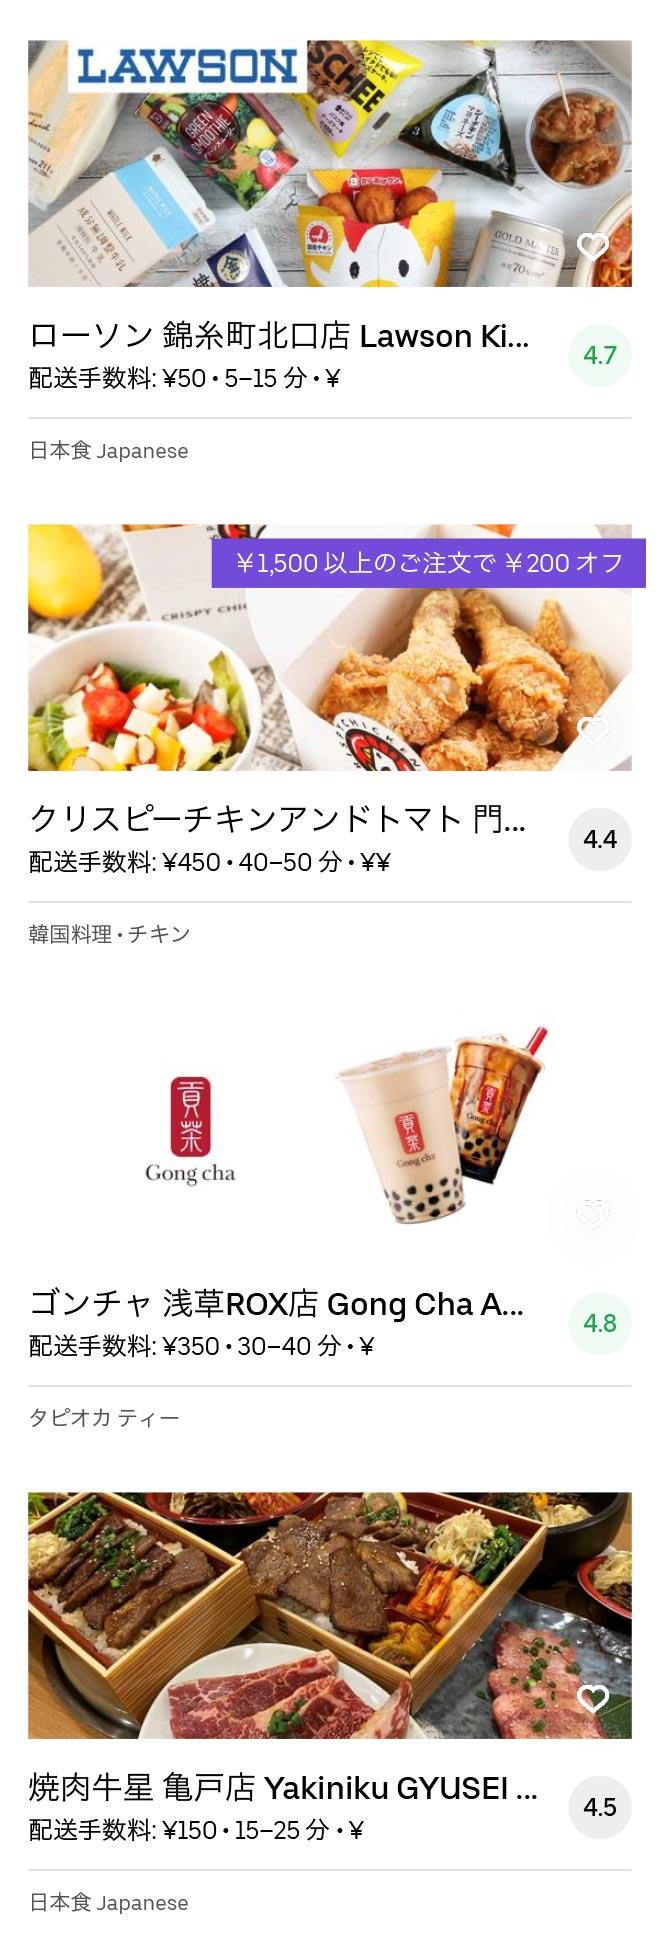 Tokyo kinshicho menu 2005 04